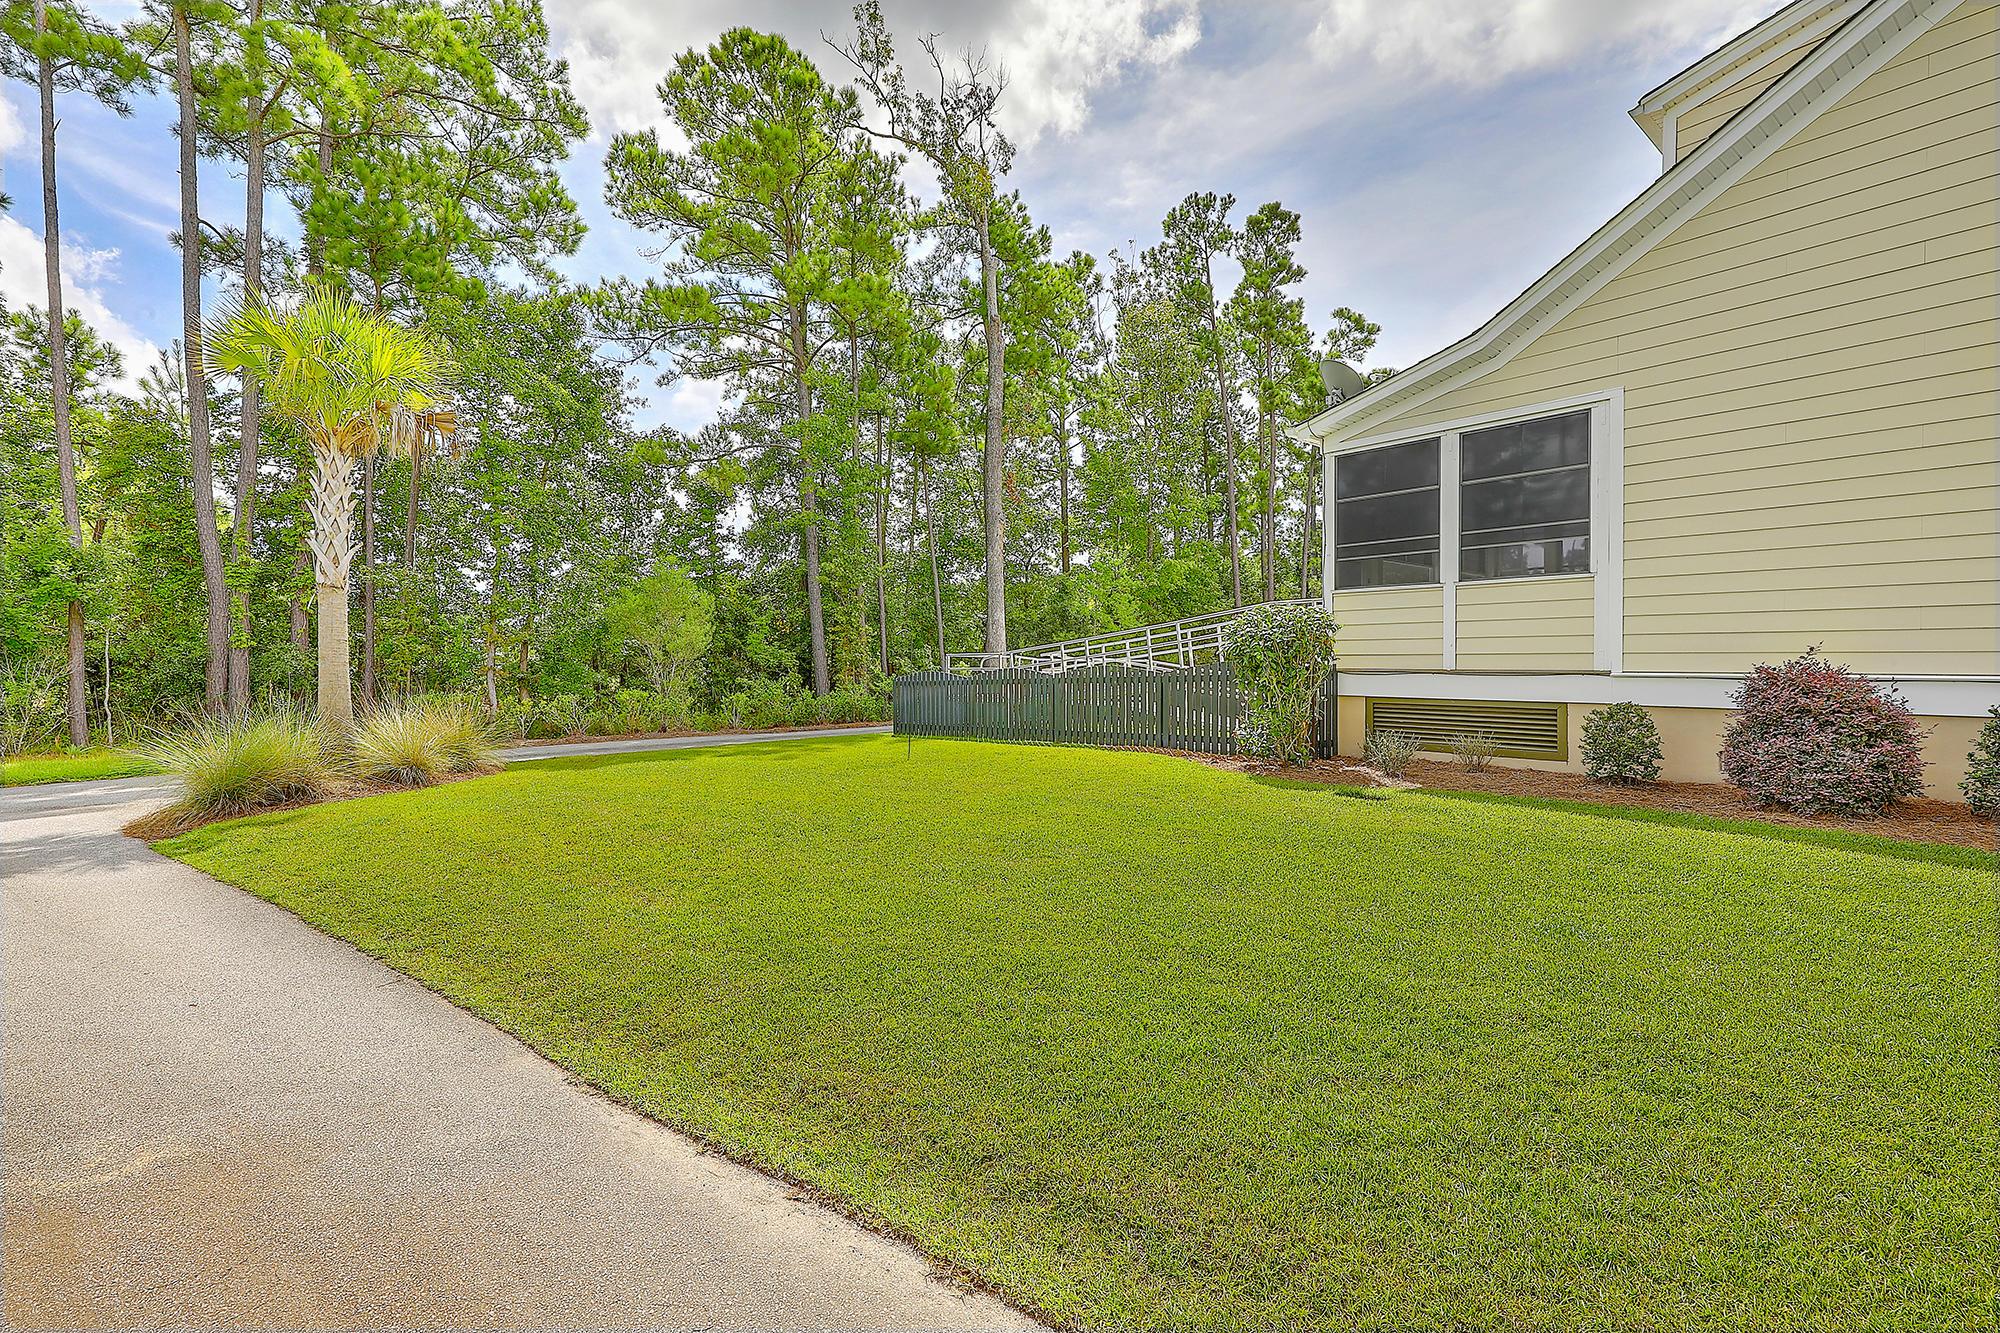 Dunes West Homes For Sale - 3171 Sturbridge, Mount Pleasant, SC - 30